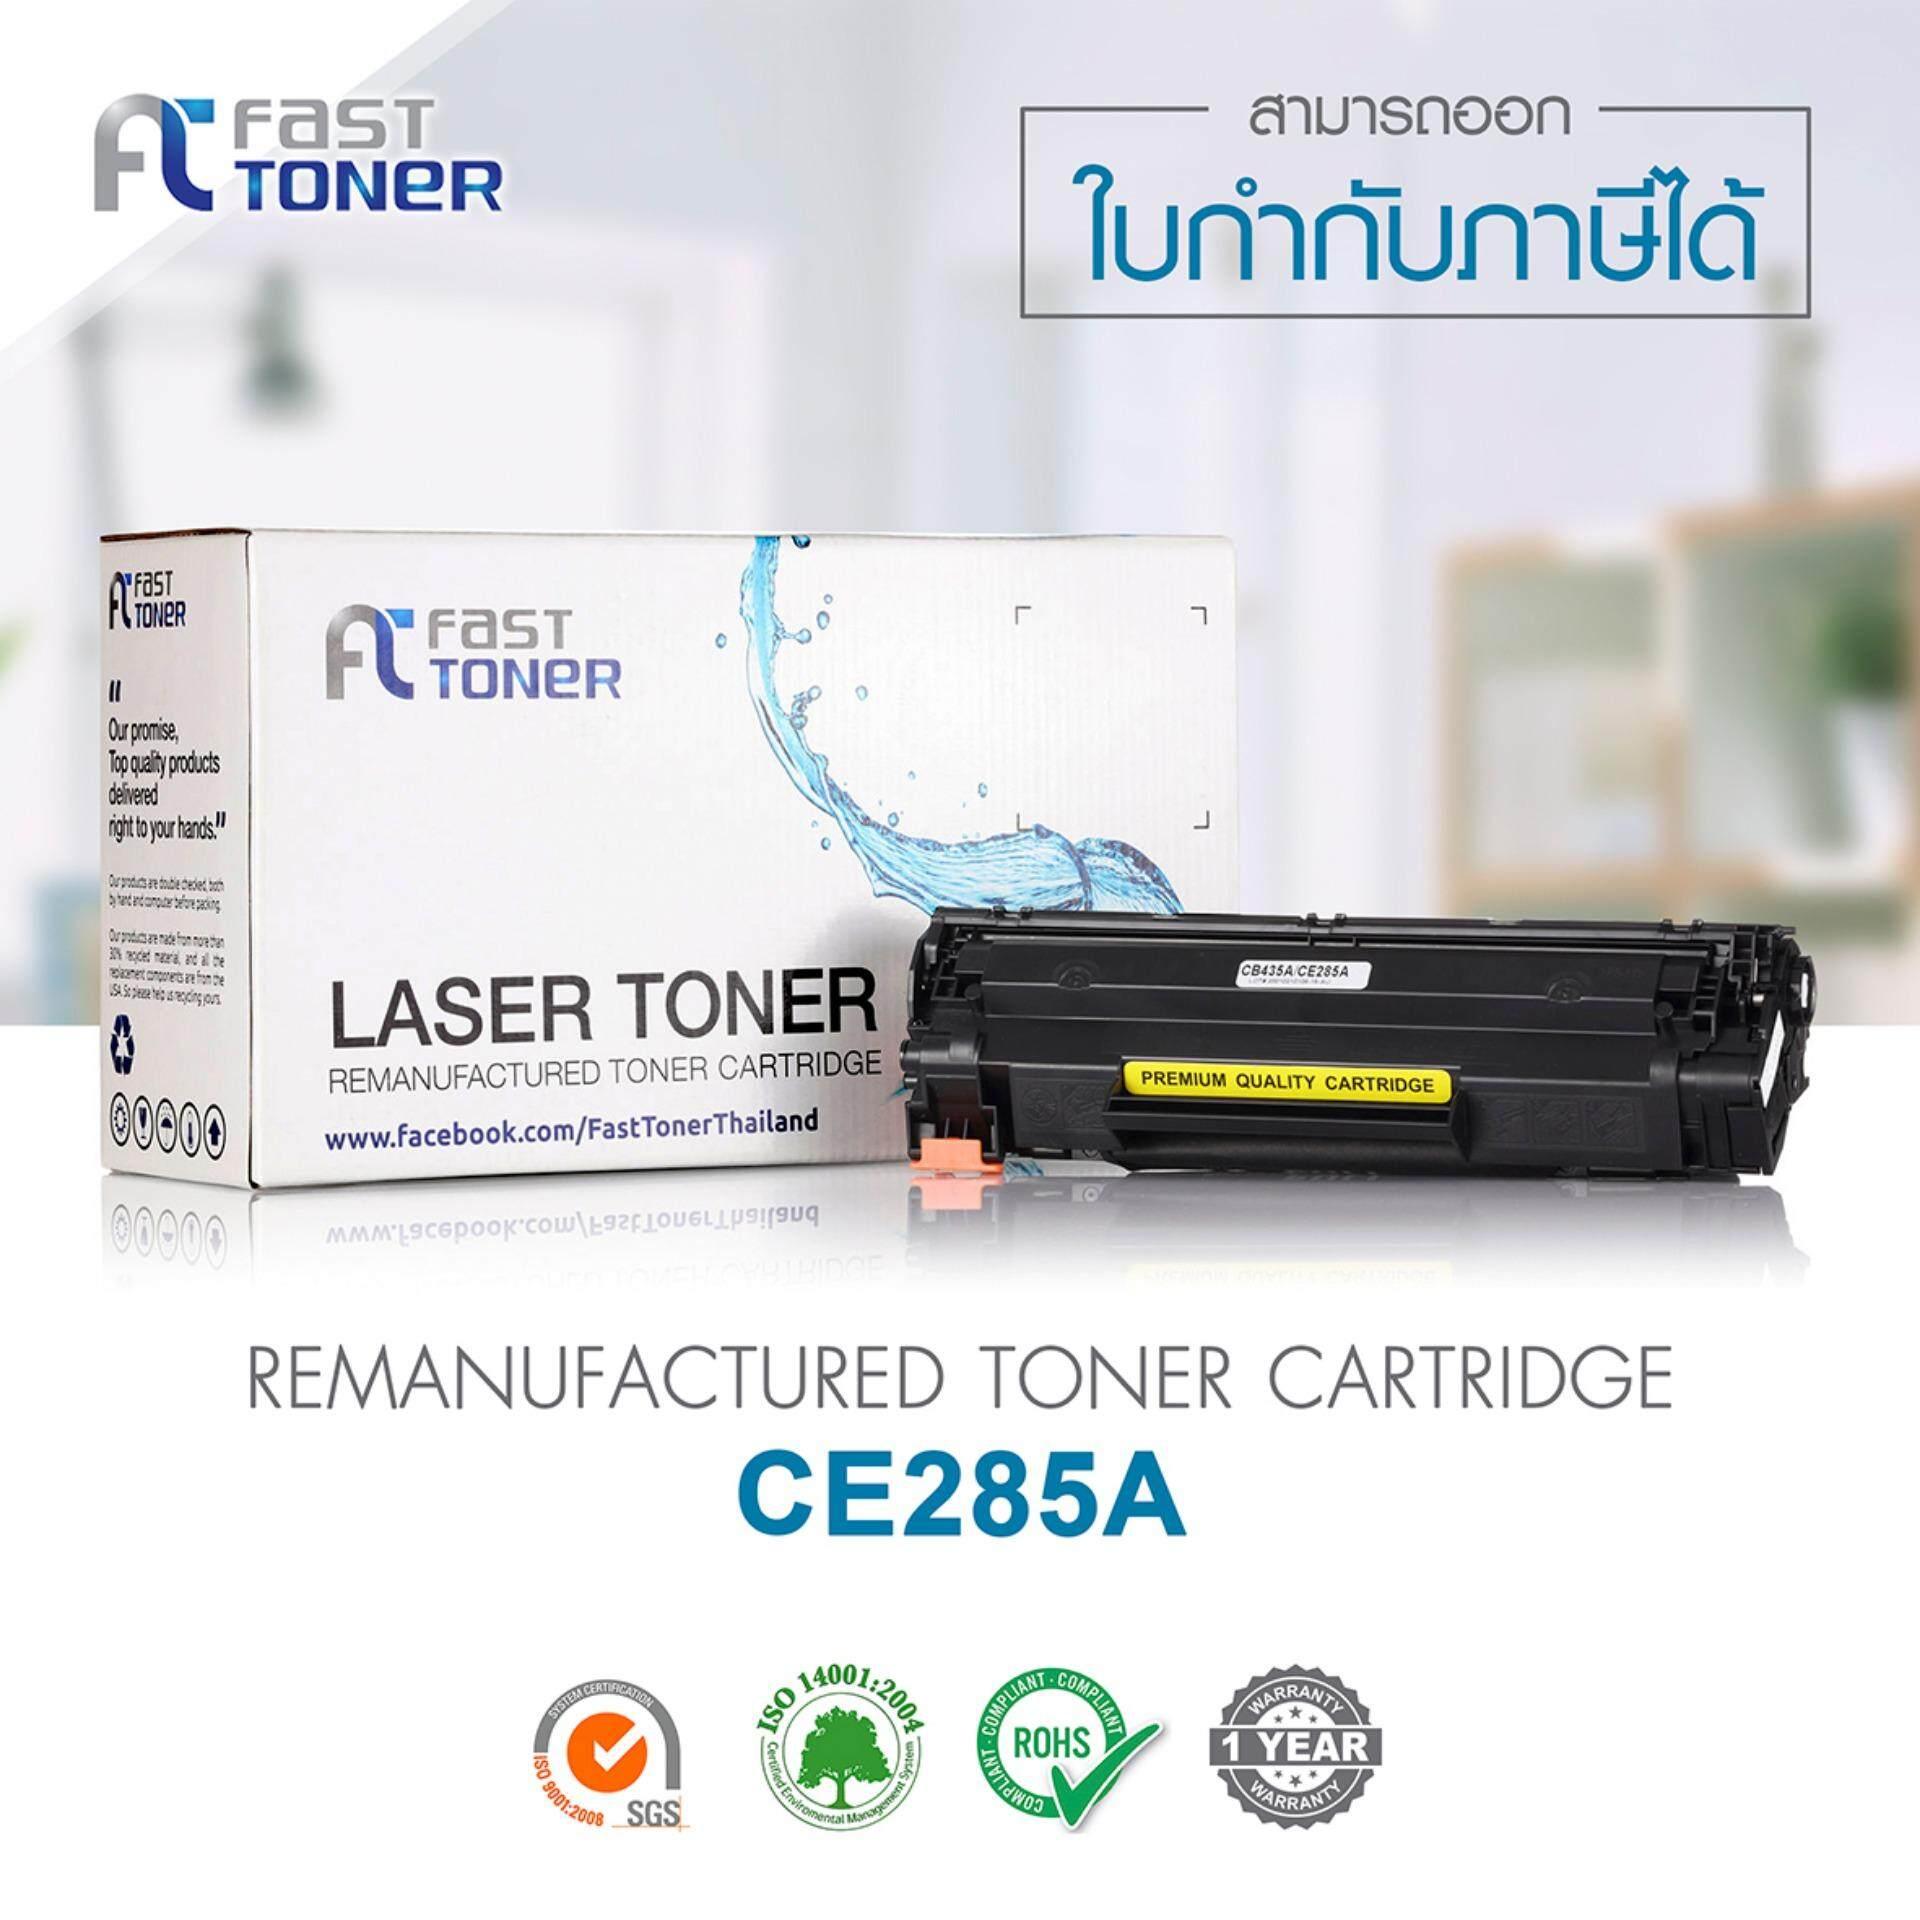 ขาย ซื้อ Fast Toner Hp Laser Toner ตลับหมึกเลเซอร์ Hp Ce285A Hp 85A สำหรับเครื่องปริ้น Hp Laserjet M1217